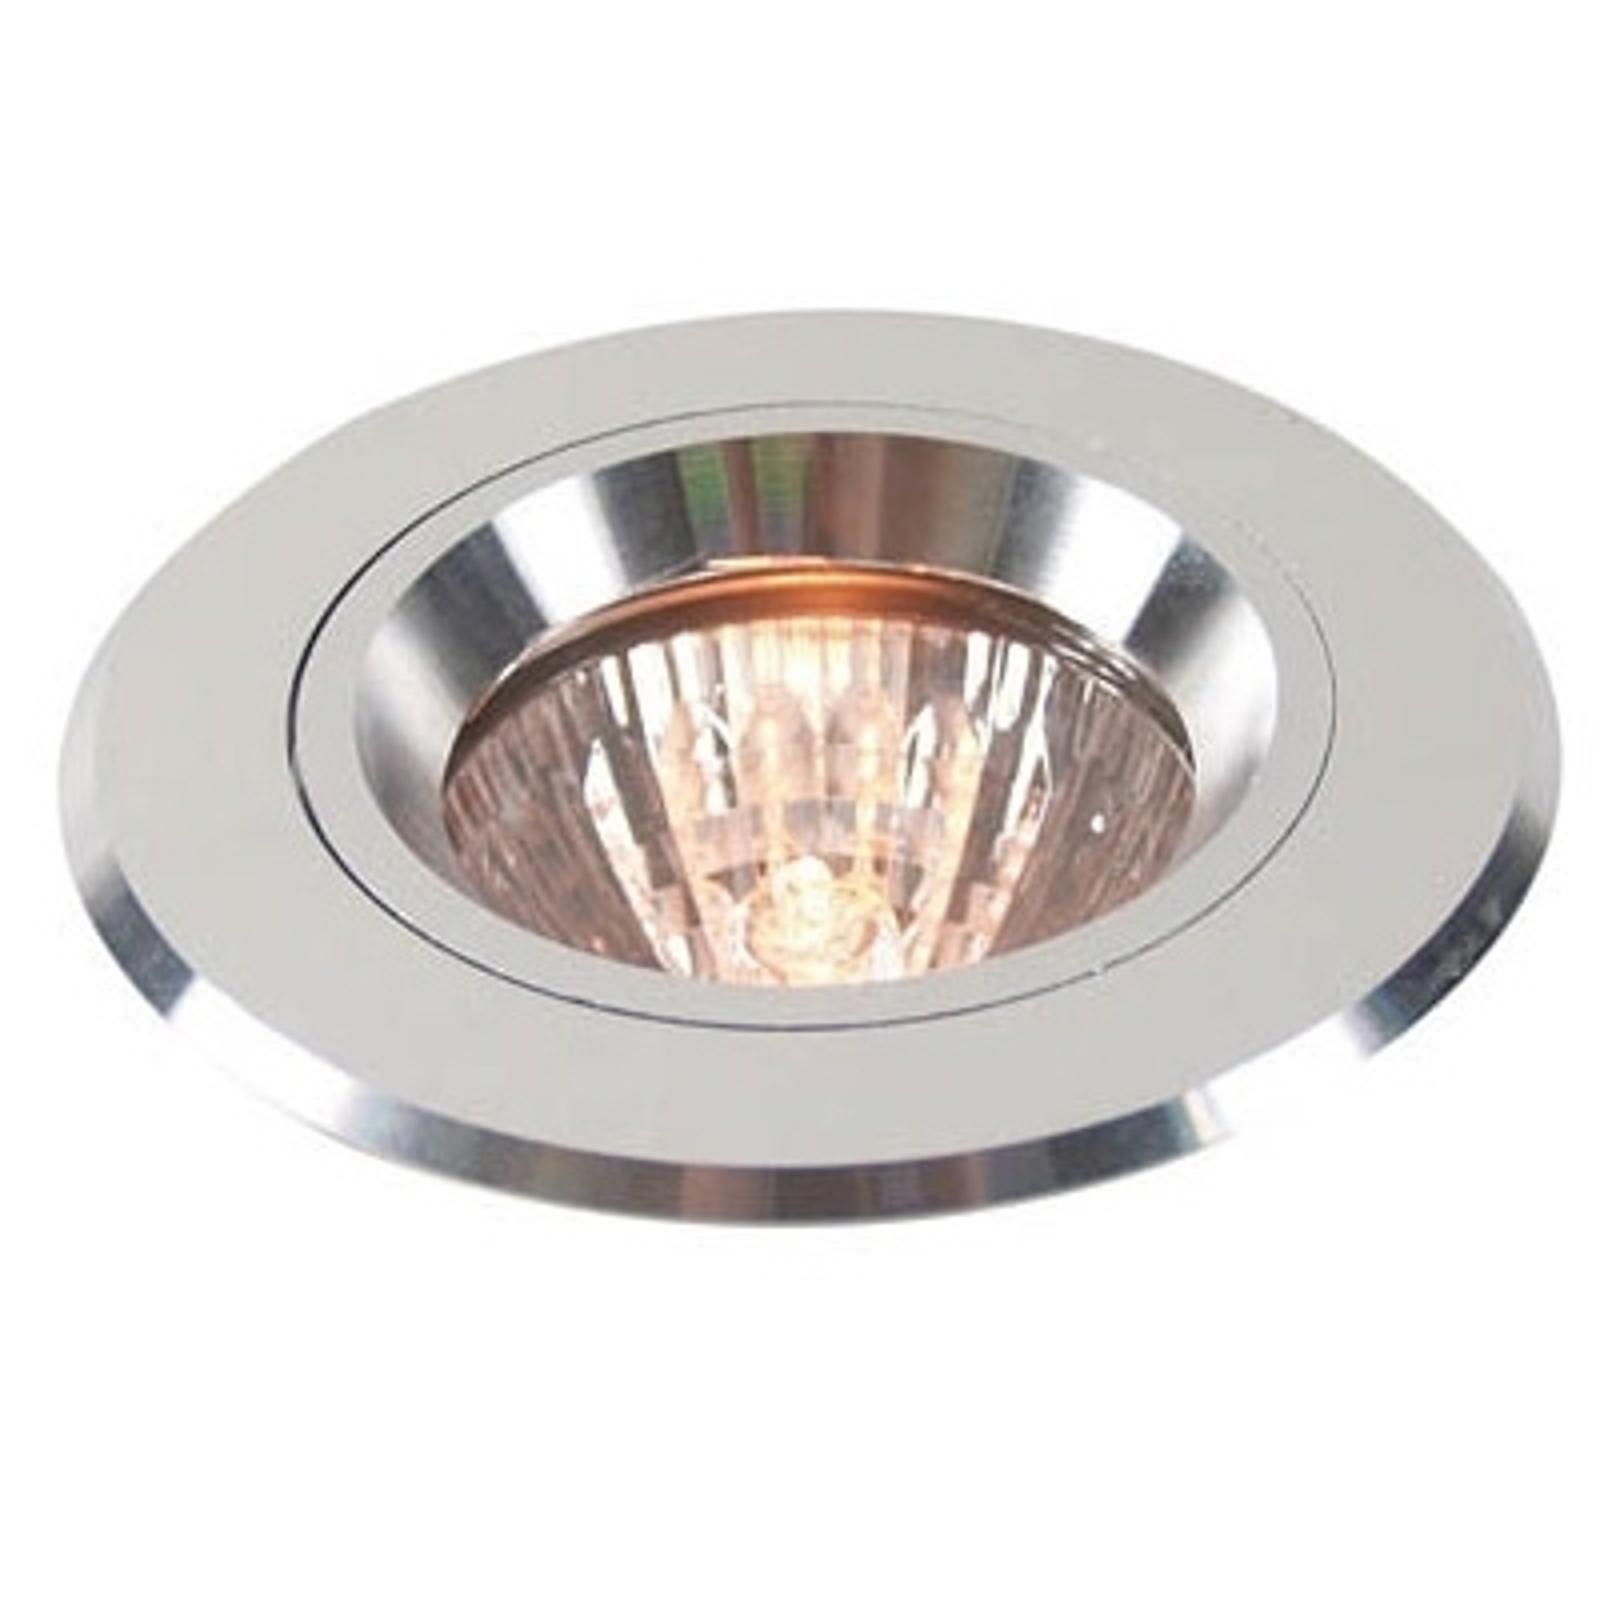 Srebrny pierścień wpuszczany z aluminium stały